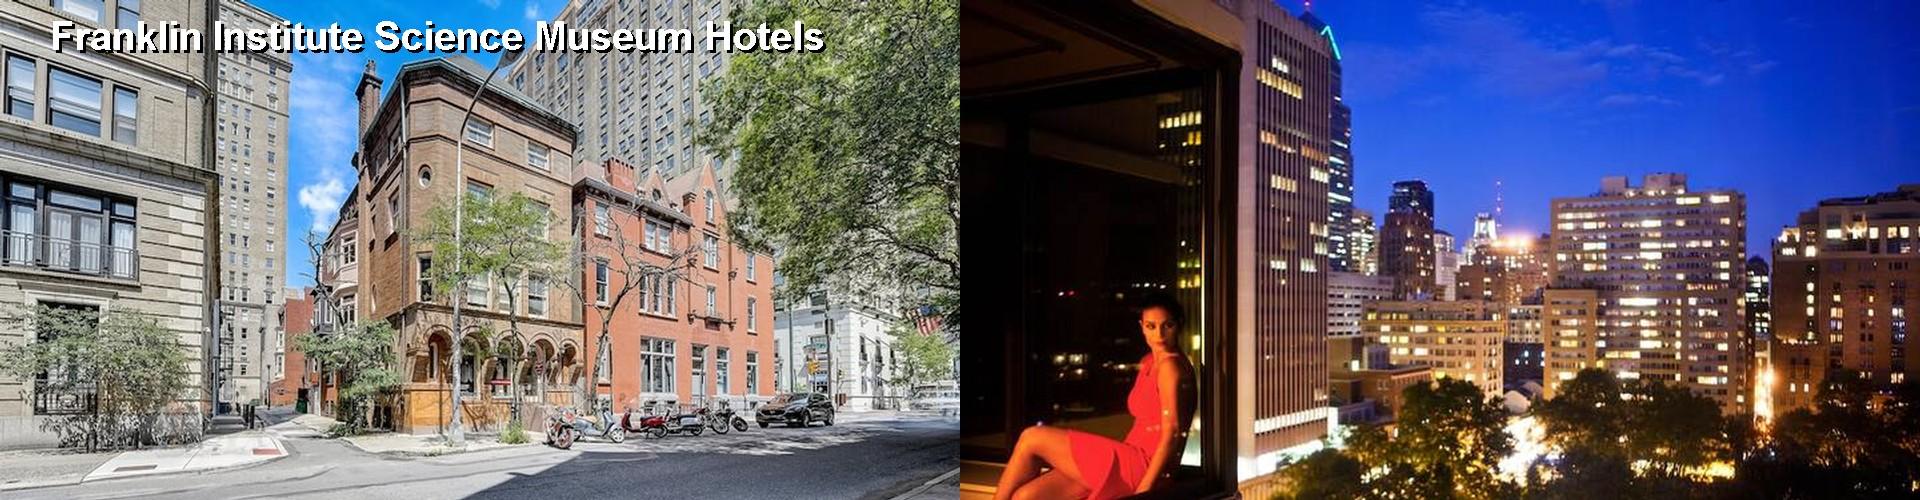 $46+ Hotels Near Franklin Institute Science Museum in Philadelphia PA